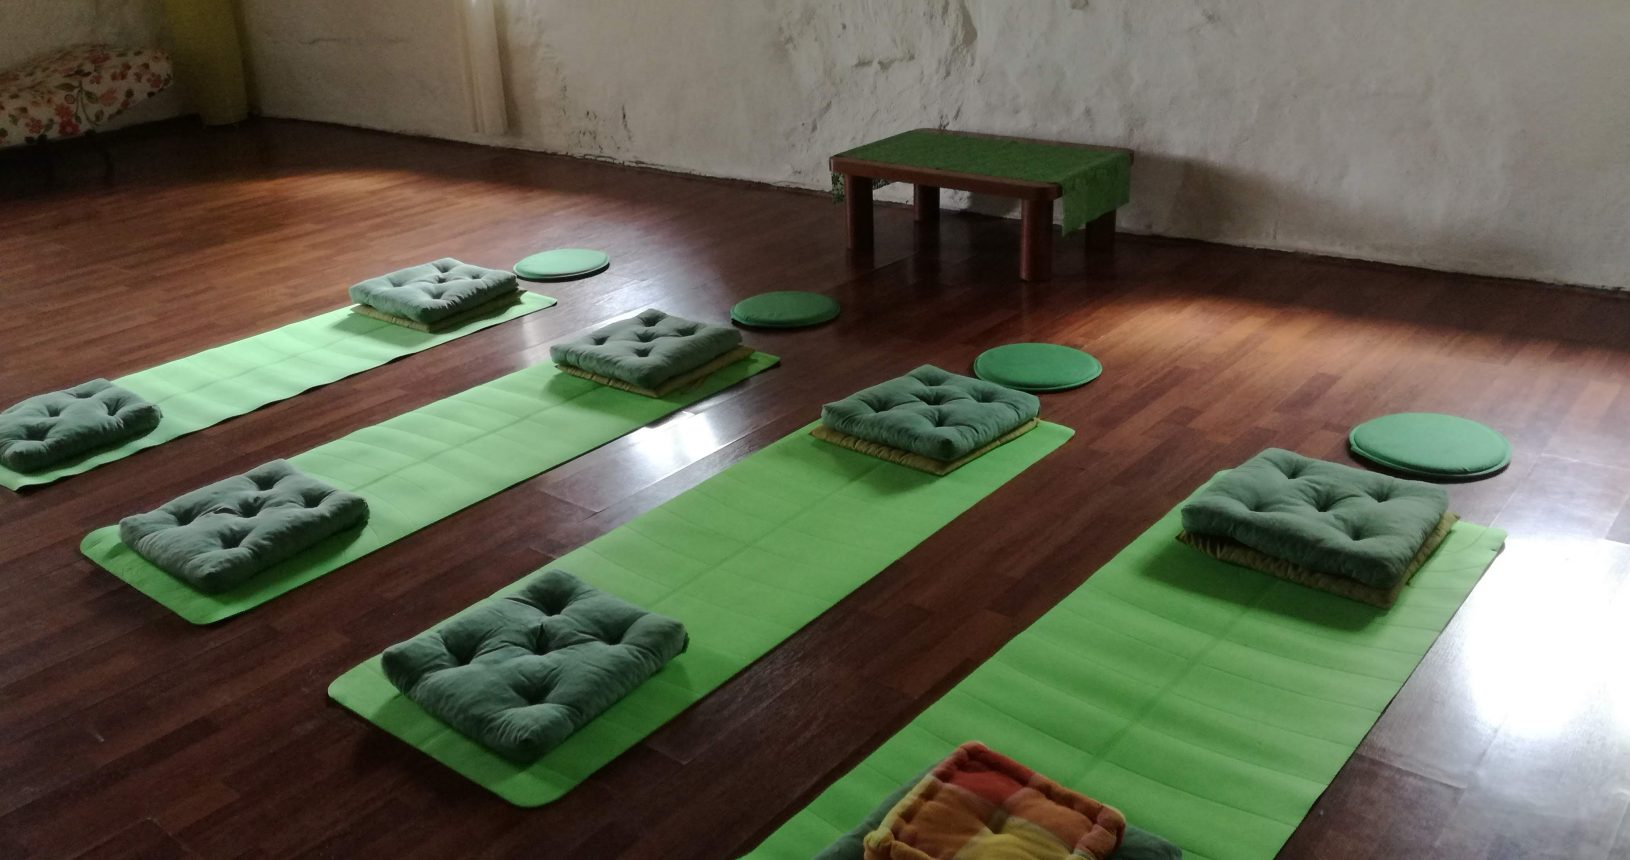 seminar room with green yoga mats